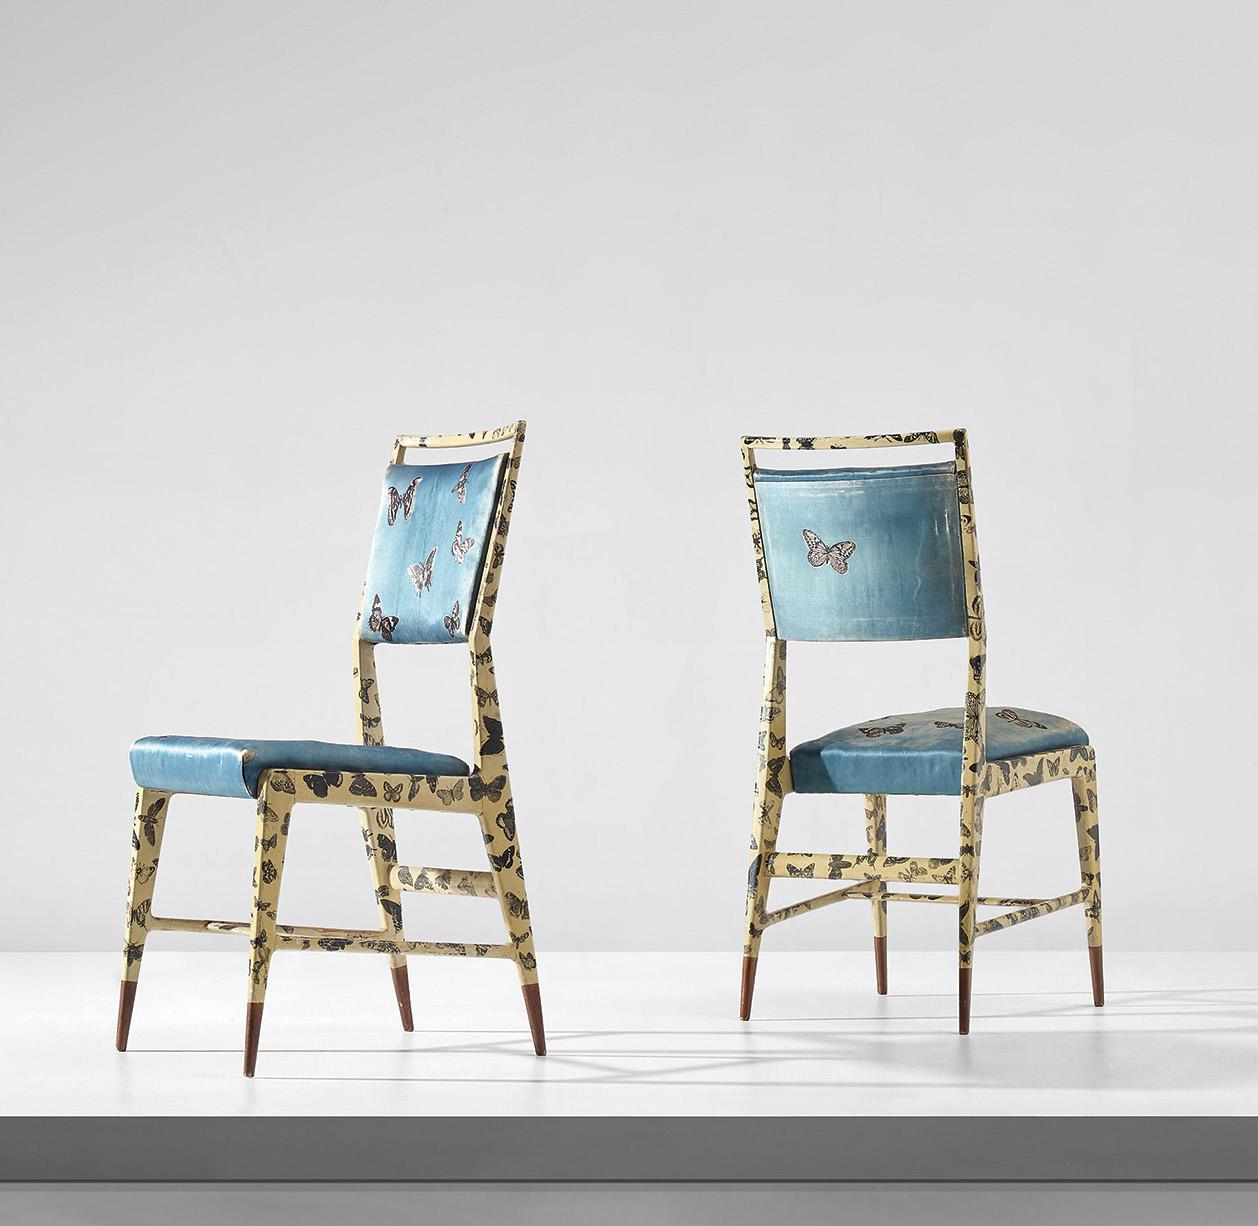 Gio Ponti und Piero Fornasetti, Paar Stühle, ca. 1951 | Foto: Cambi e Phillips